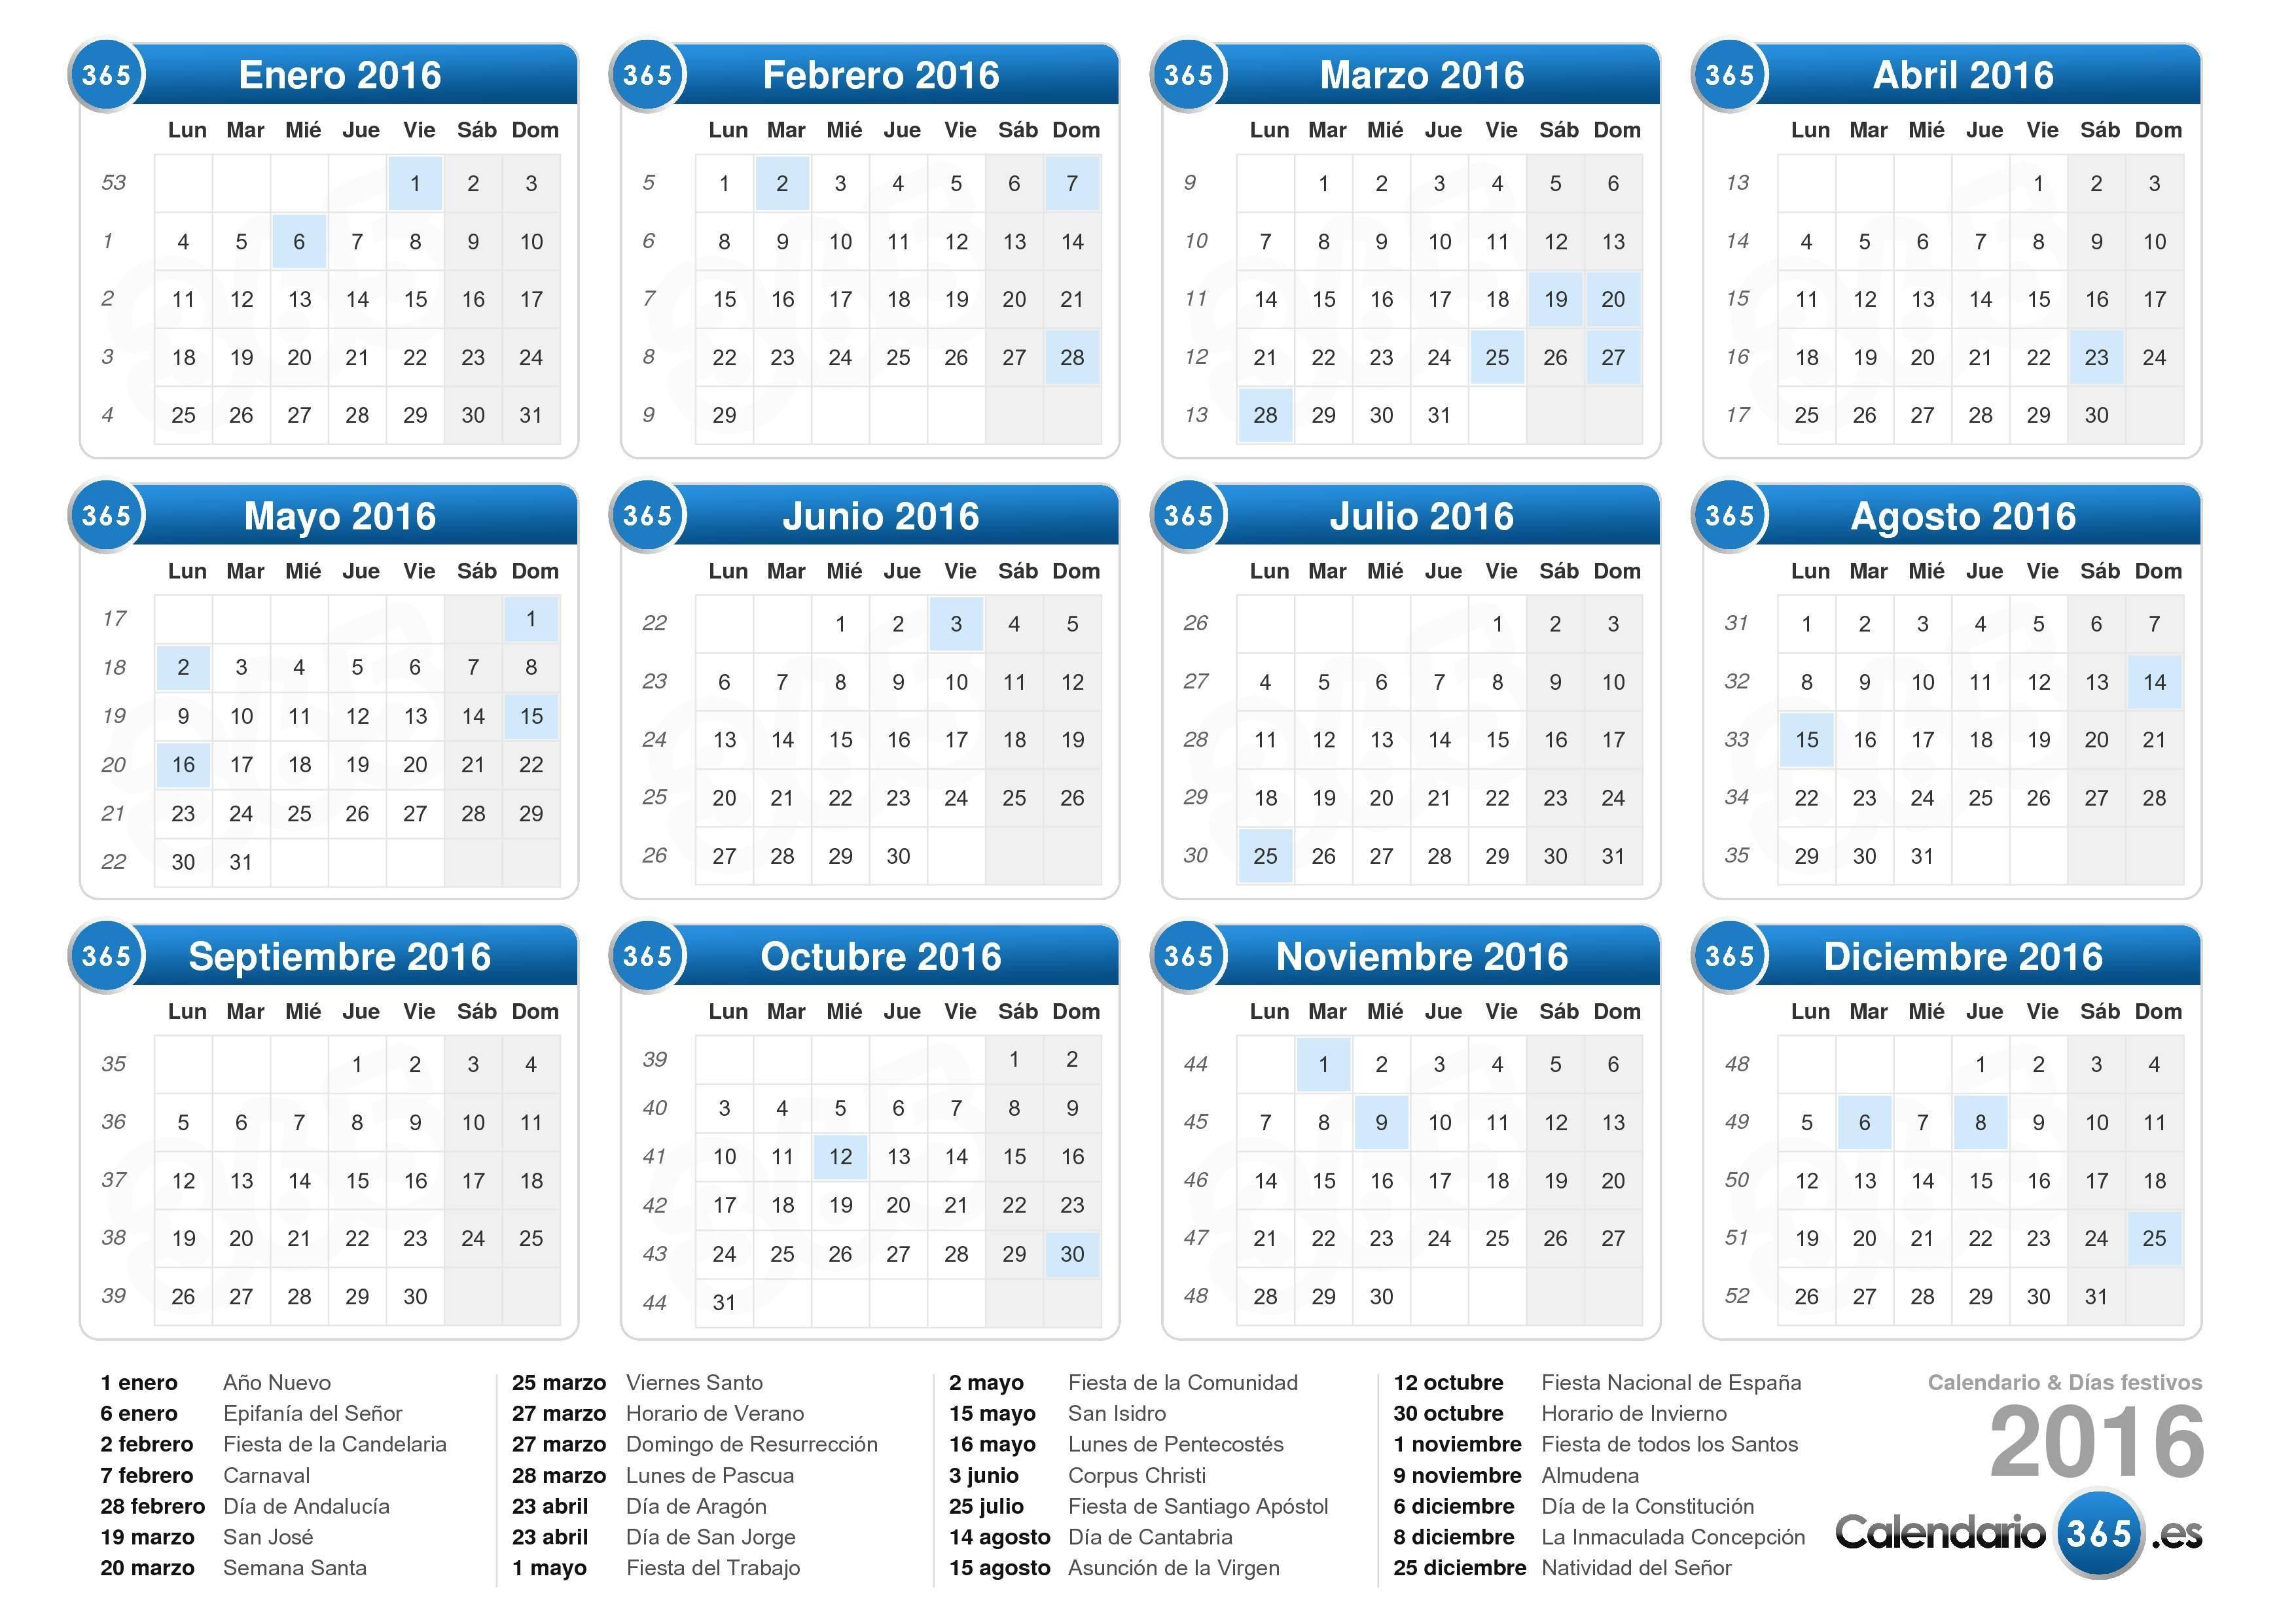 Calendario Imprimir Noviembre 2016 Más Recientemente Liberado Calendario 2016 Of Calendario Imprimir Noviembre 2016 Más Populares Calendario Nov 2016 Calendarios Para Imprimir